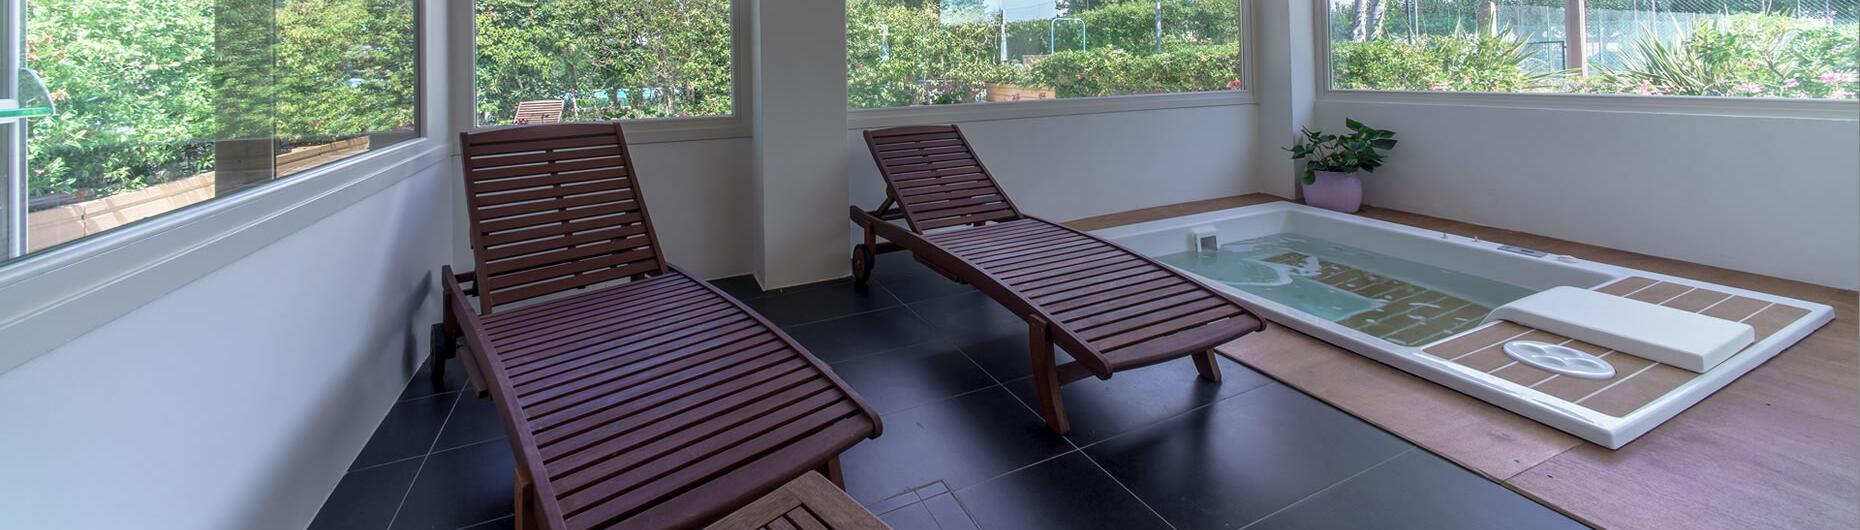 vacanzespinnaker de wellness-center-spa-marken 005